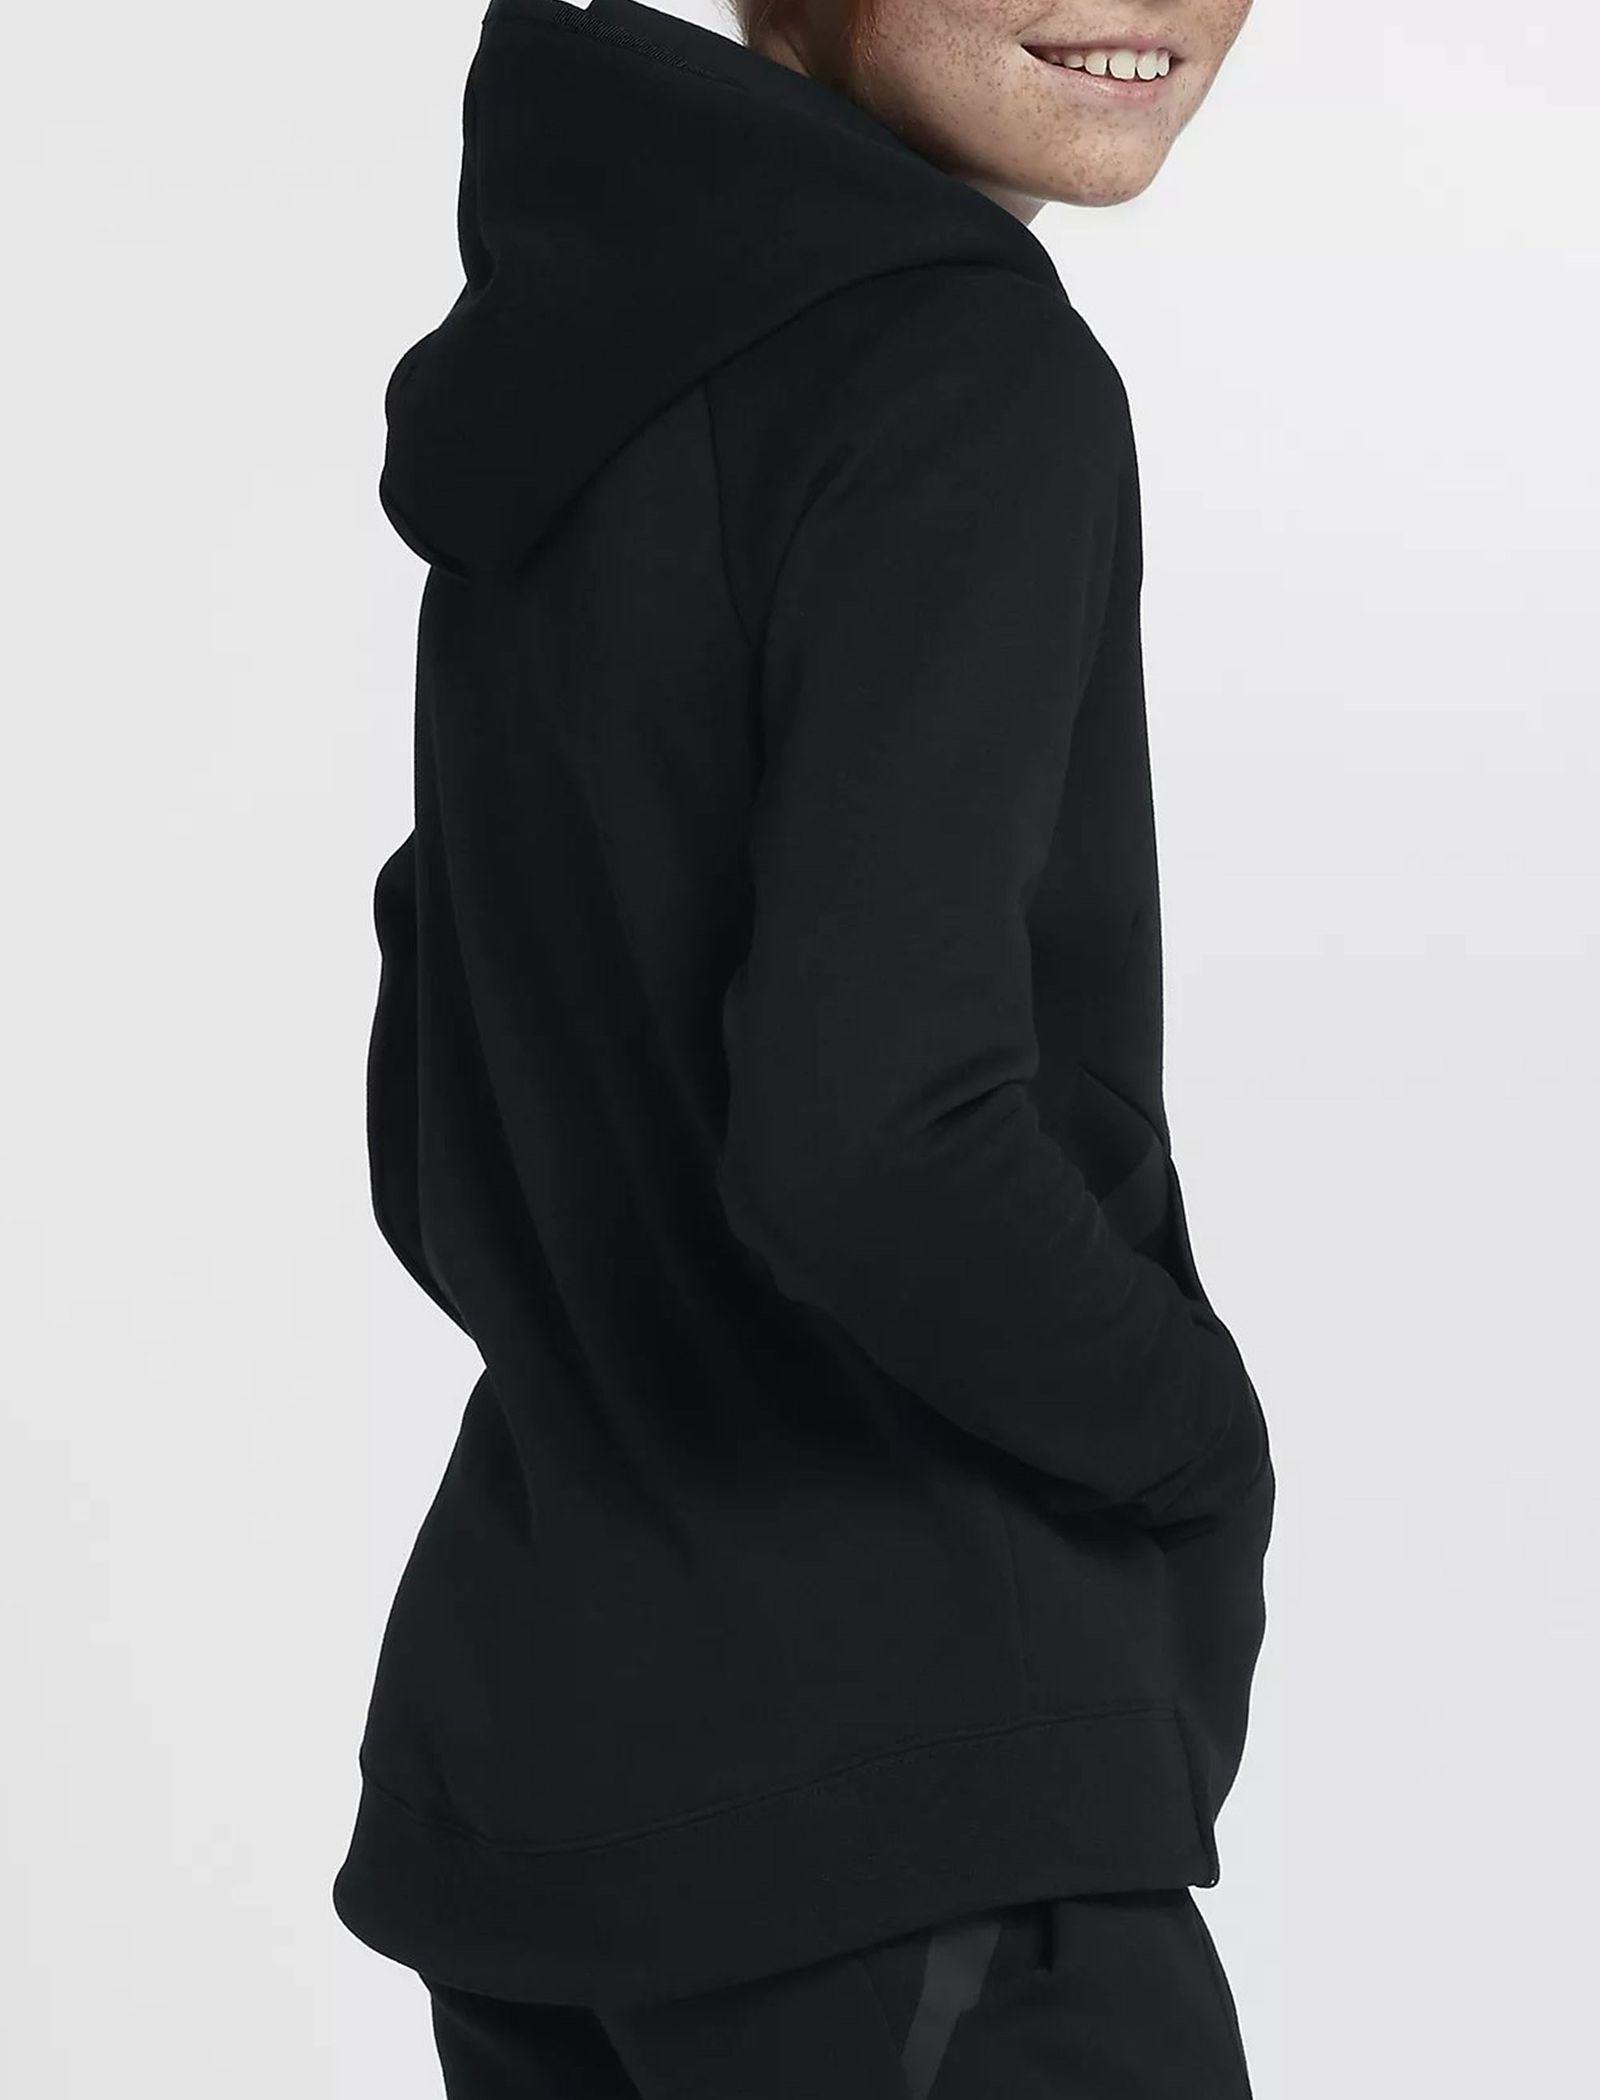 هودی ورزشی نخی دخترانه Tech Fleece - نایکی - مشکي - 5